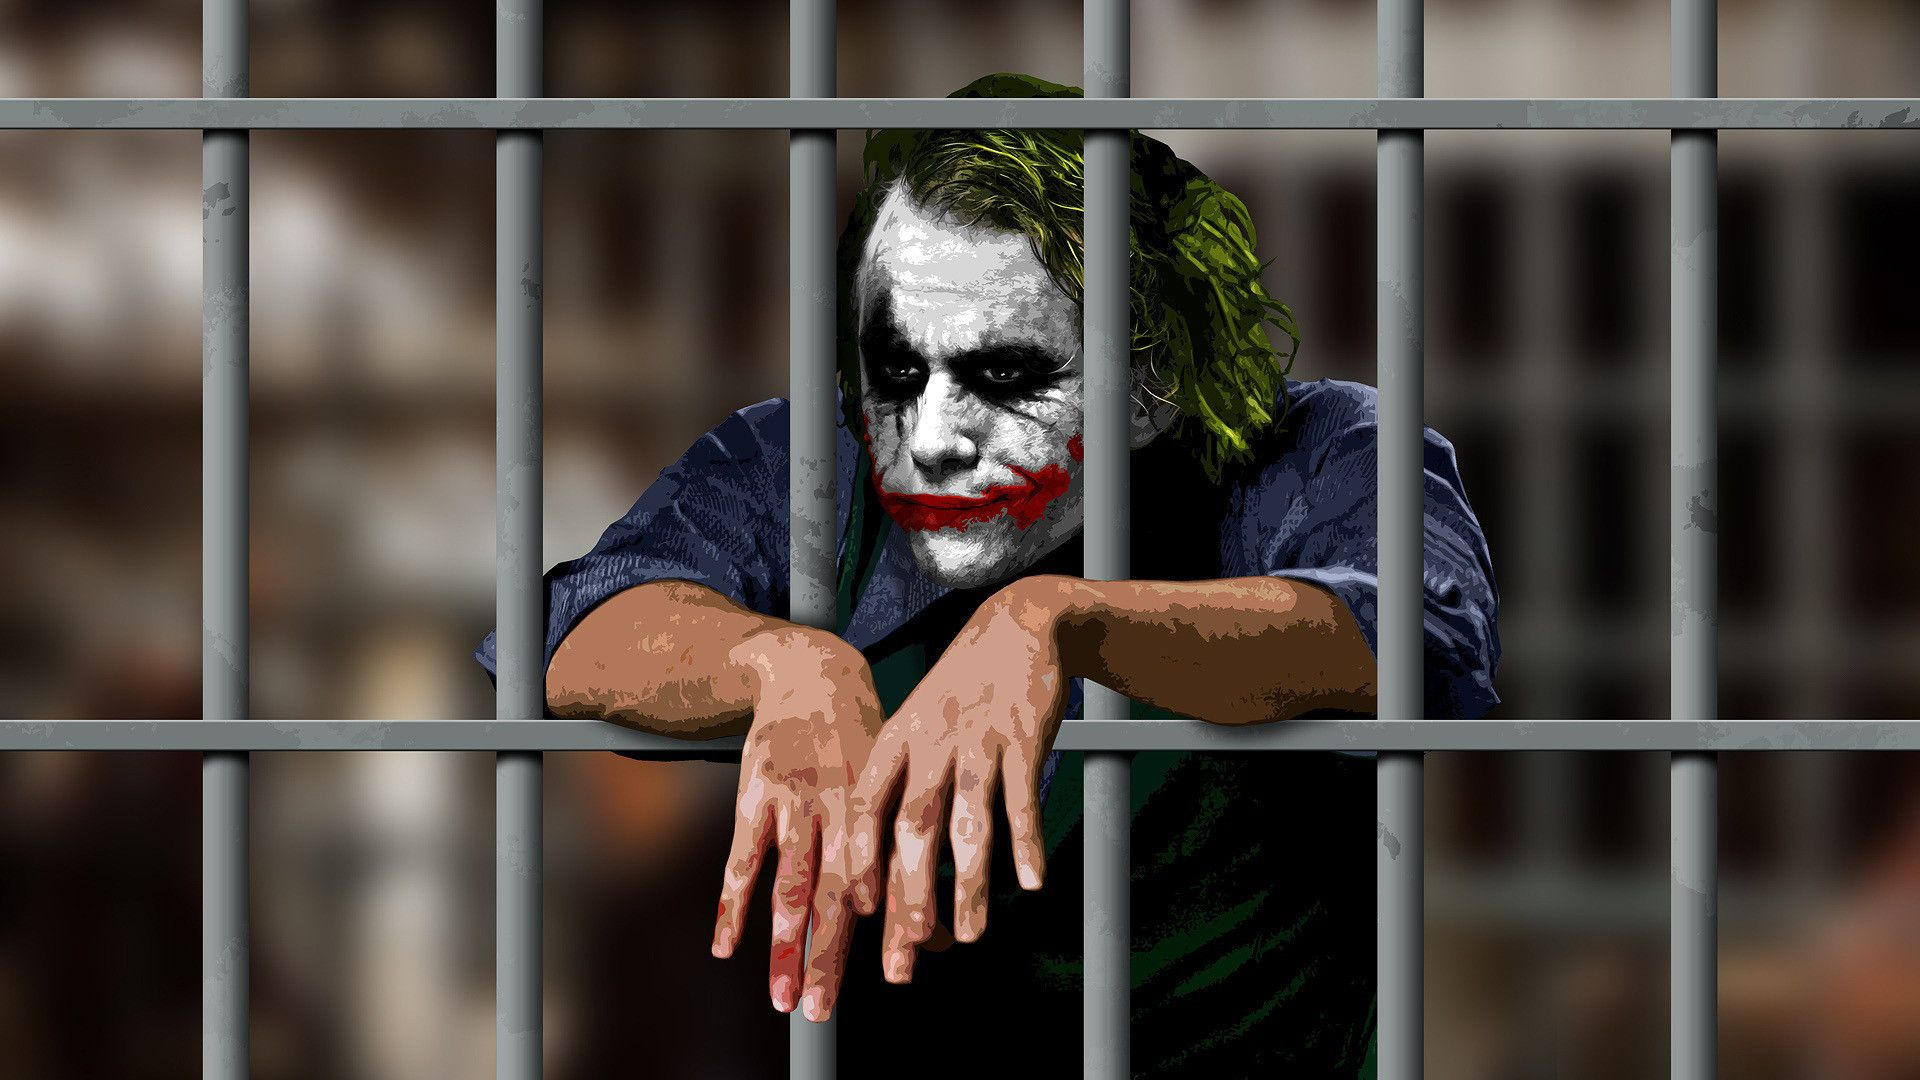 Dark Knight Joker Wallpaper 73 Images Joker Hd Wallpaper Joker Iphone Wallpaper Joker Wallpapers The dark knight joker wallpaper full hd